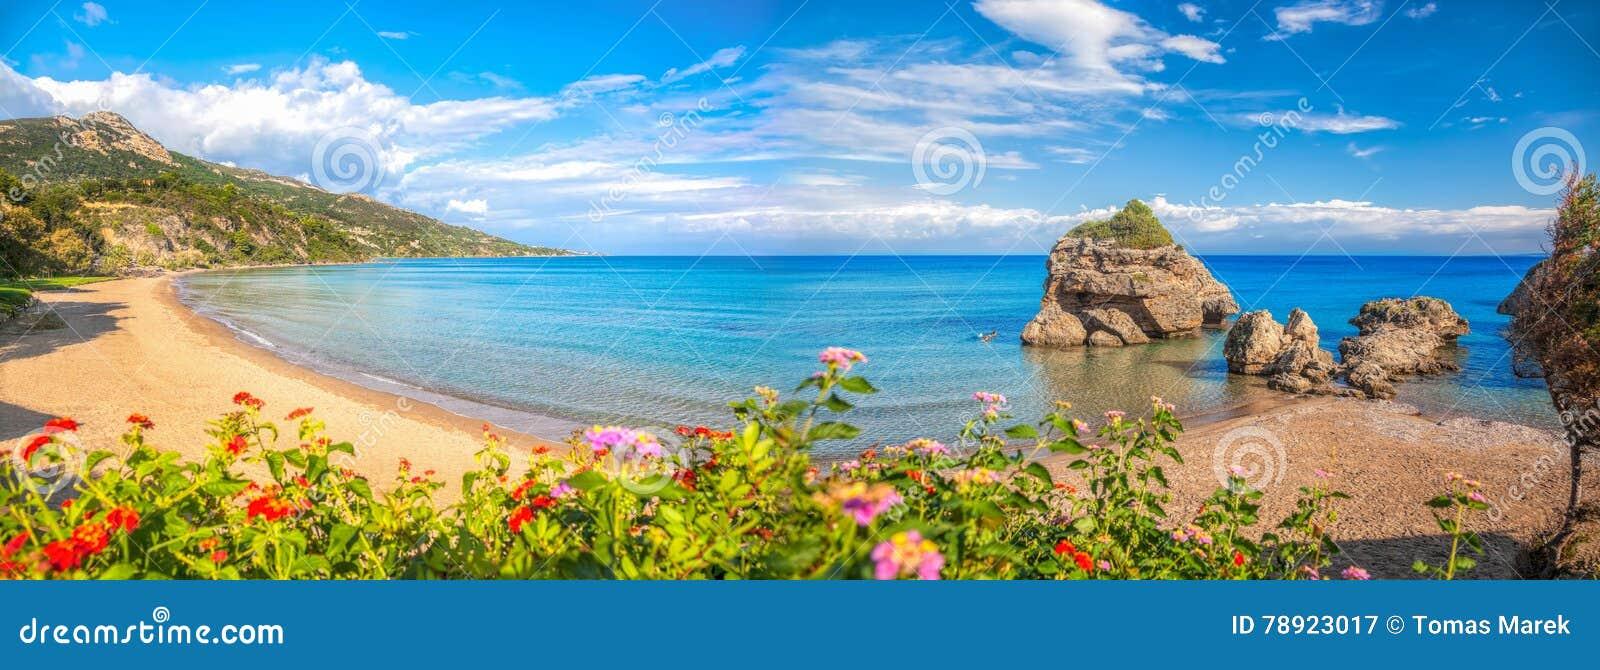 波尔图佐罗海滩全景反对五颜六色的花的在扎金索斯州海岛,希腊上